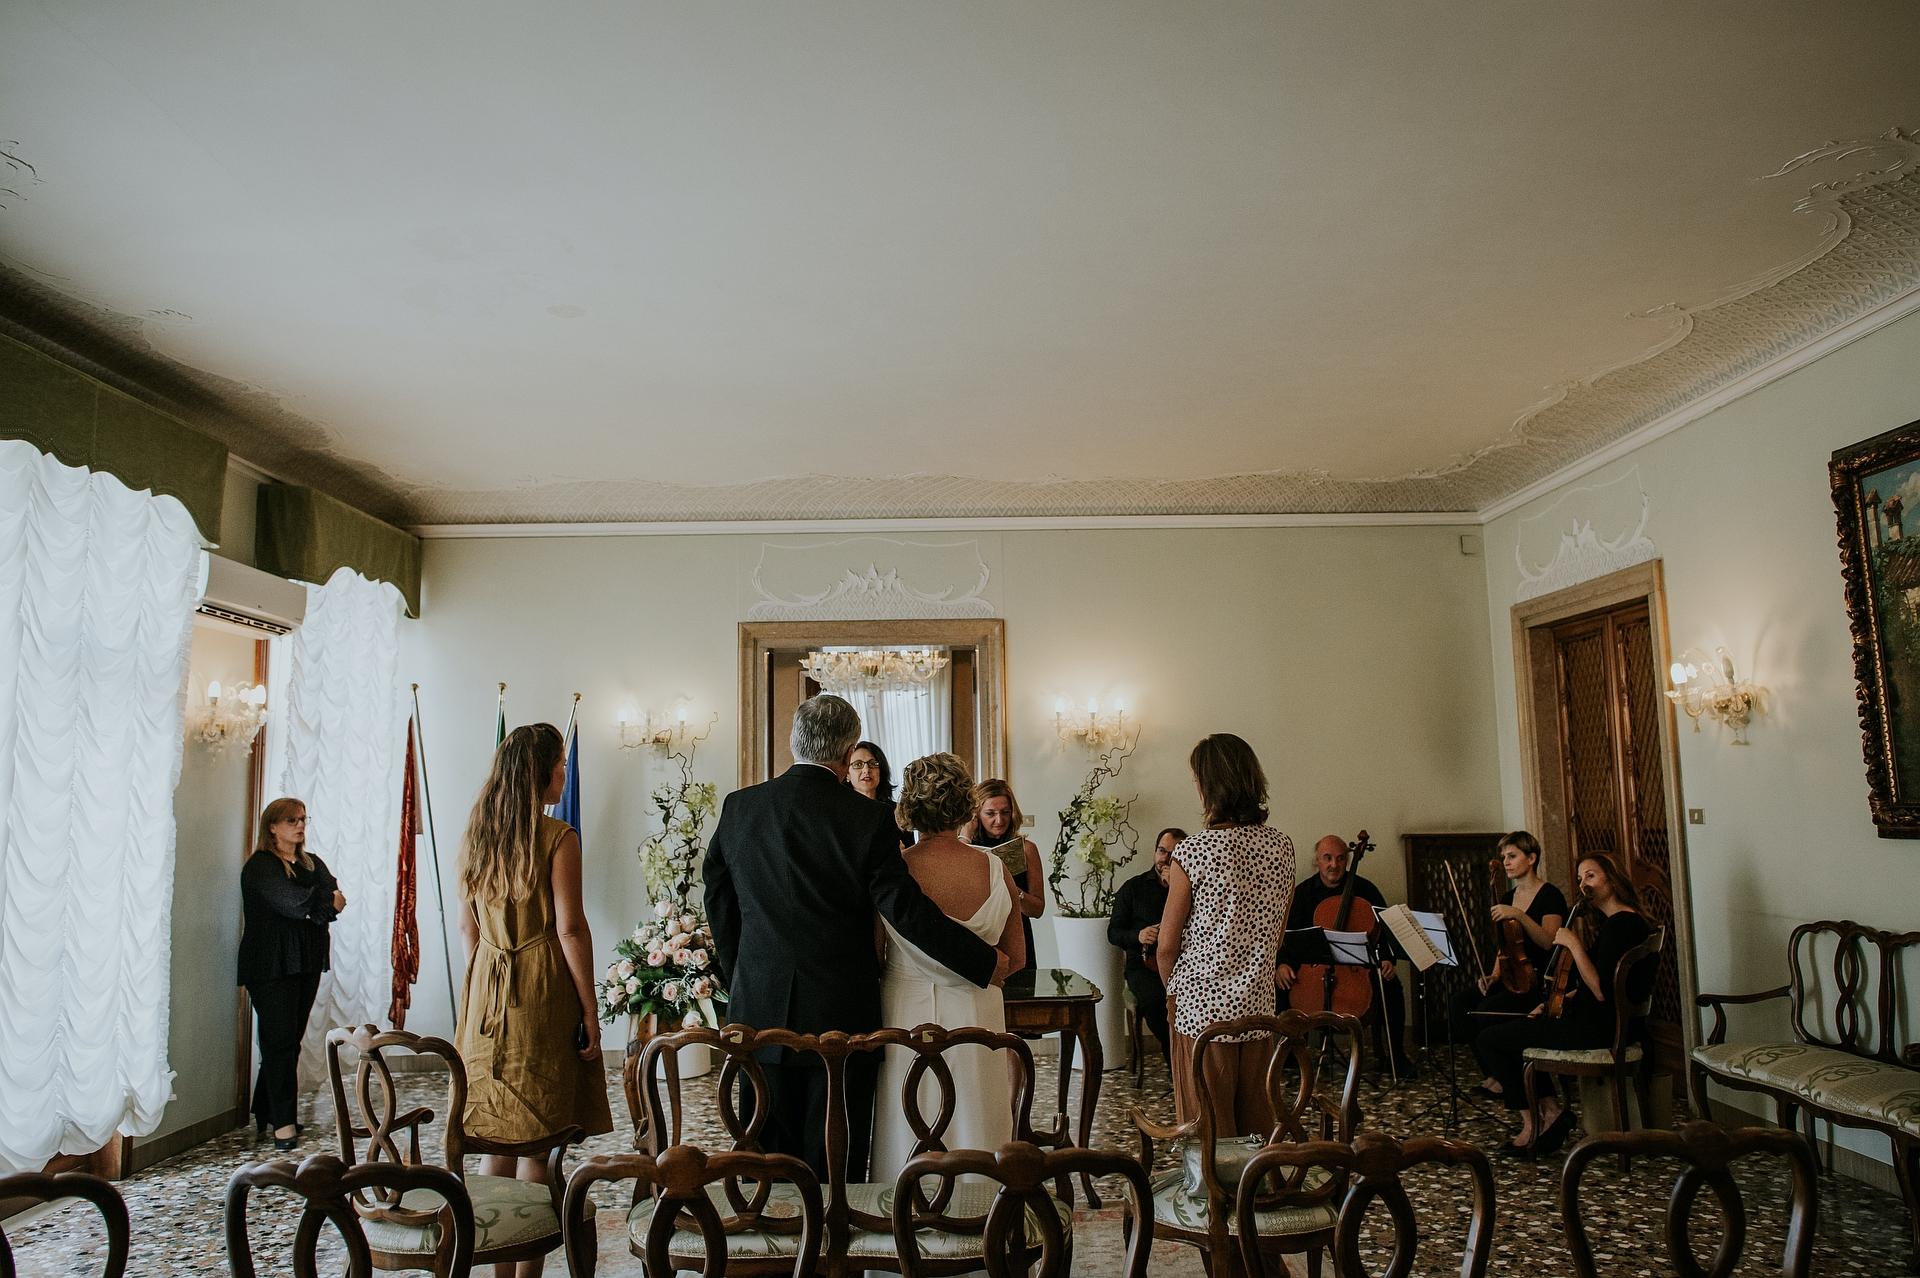 Stadhuis Palazzo Cavalli - Venetië, Italië Elopement Image | Een moment van de intieme ceremonie met de getuigen